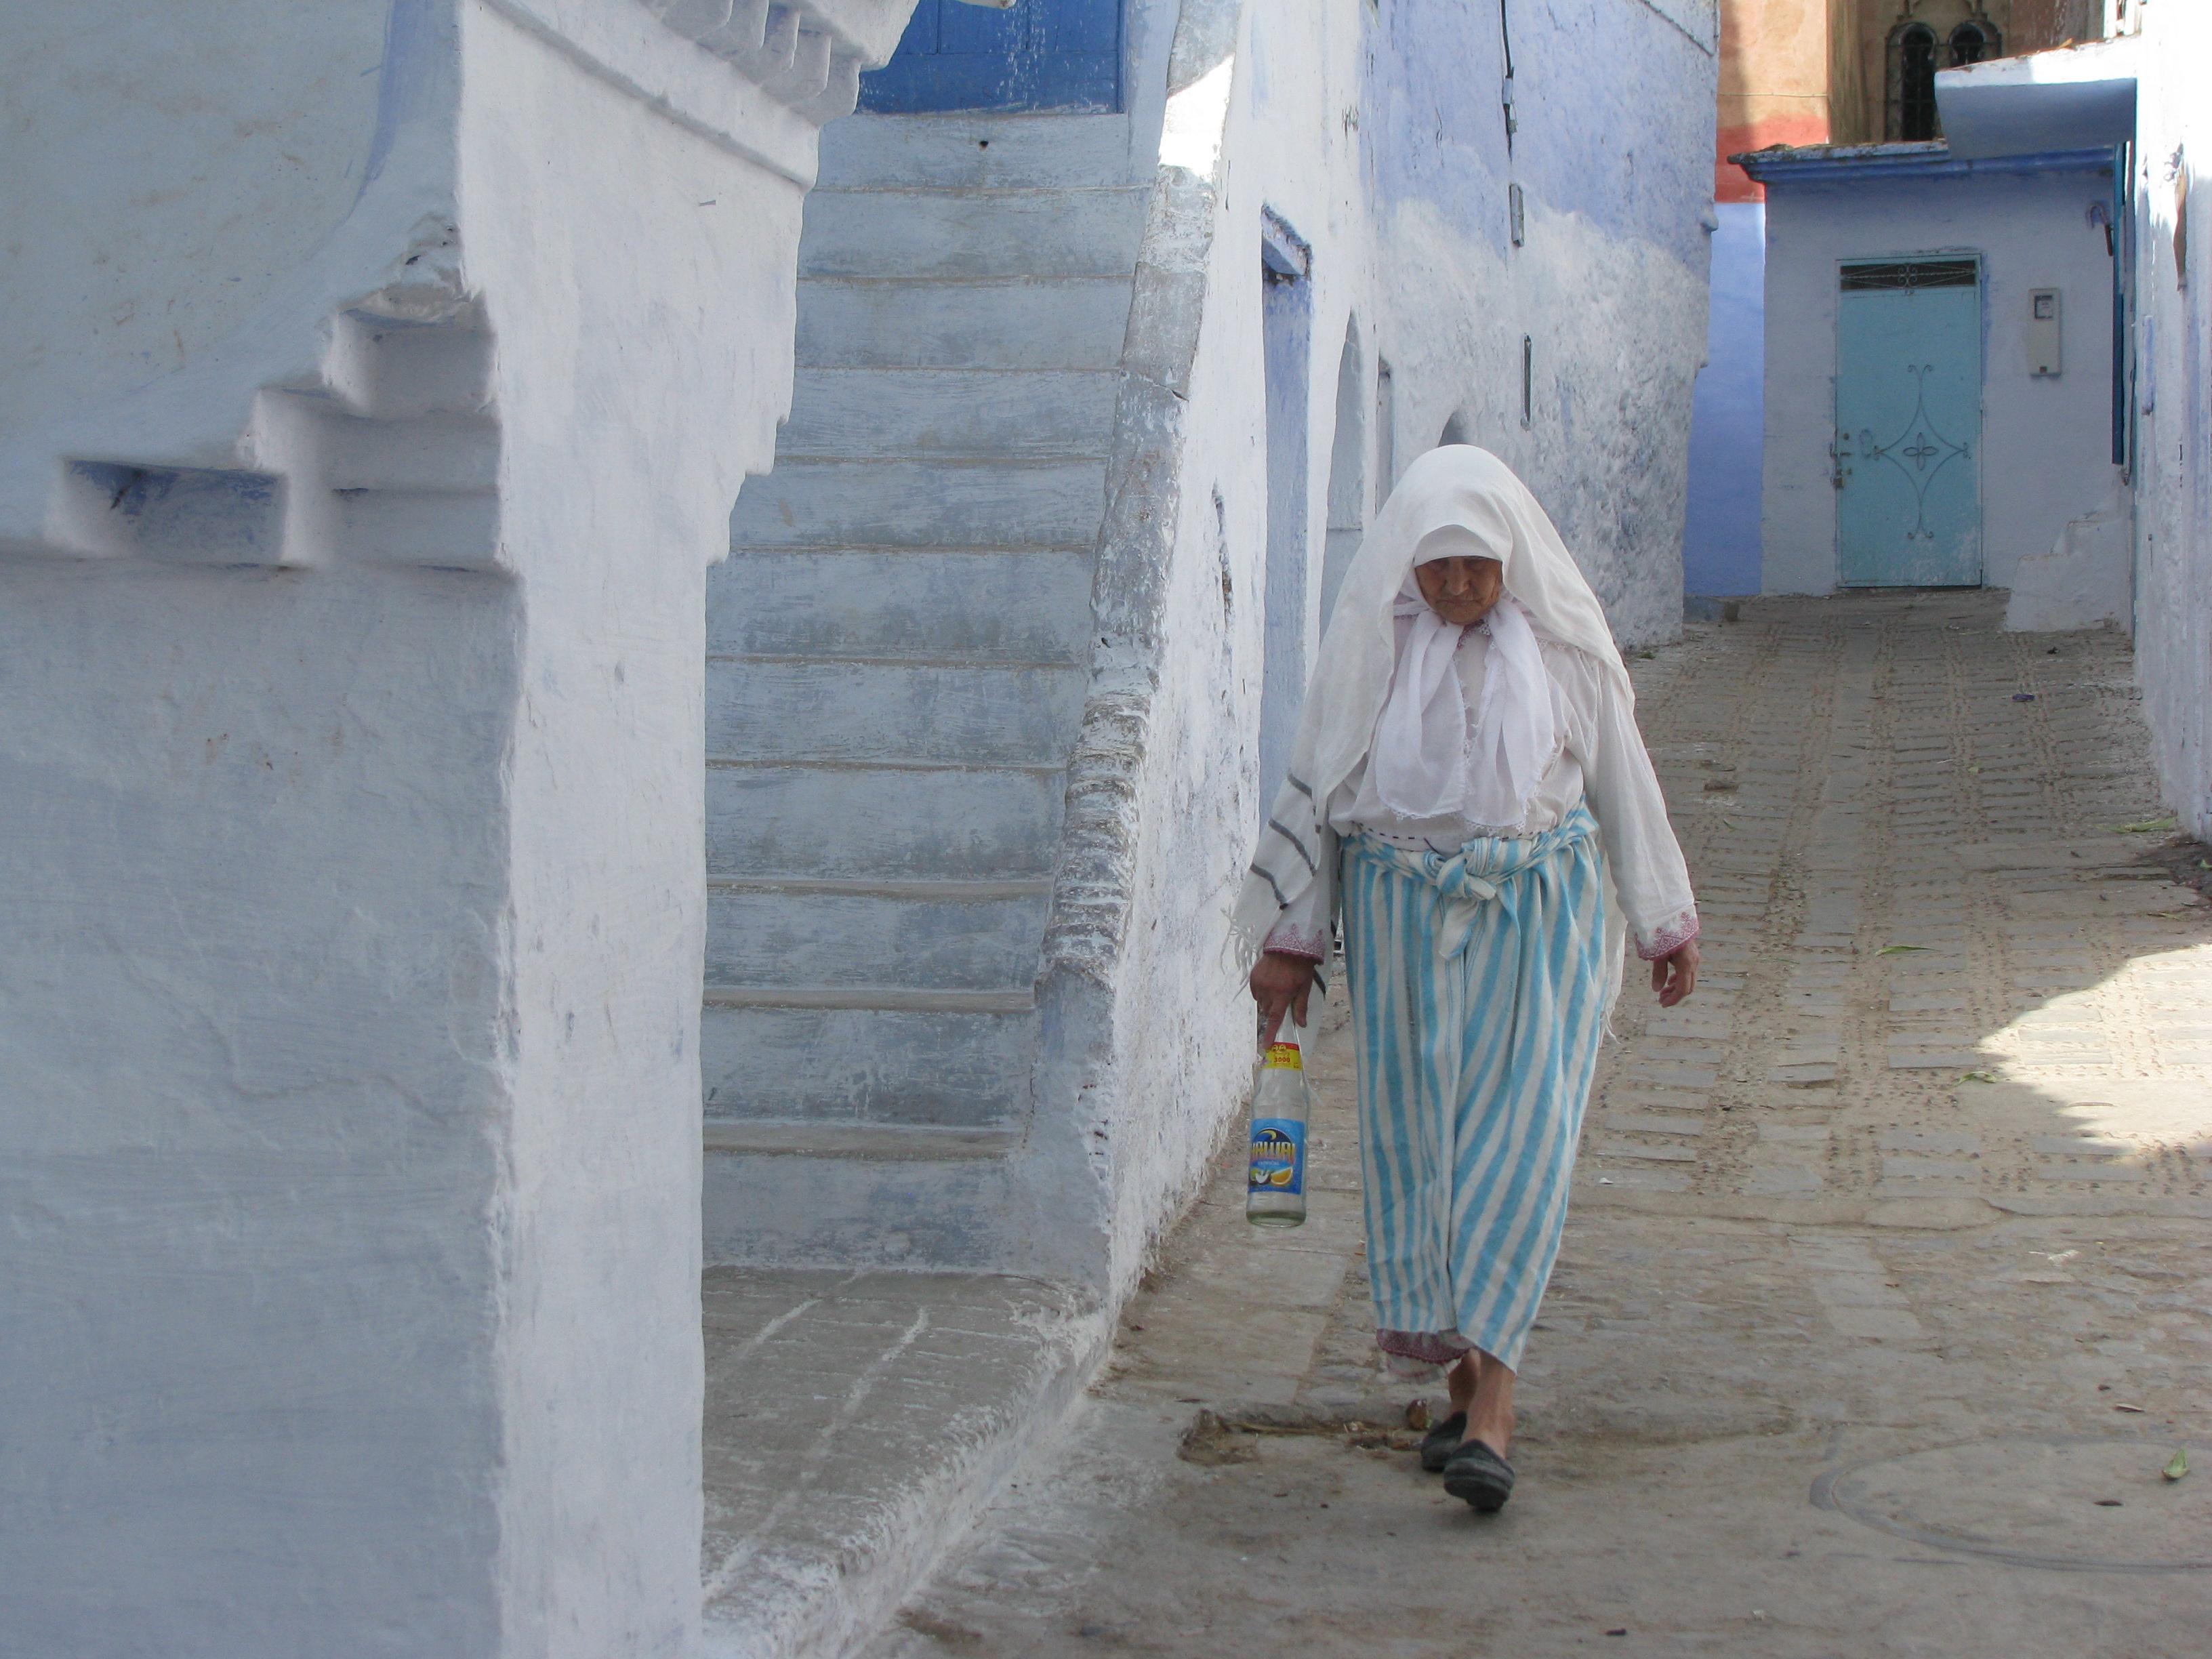 Chefchaoen, Morocco 2009